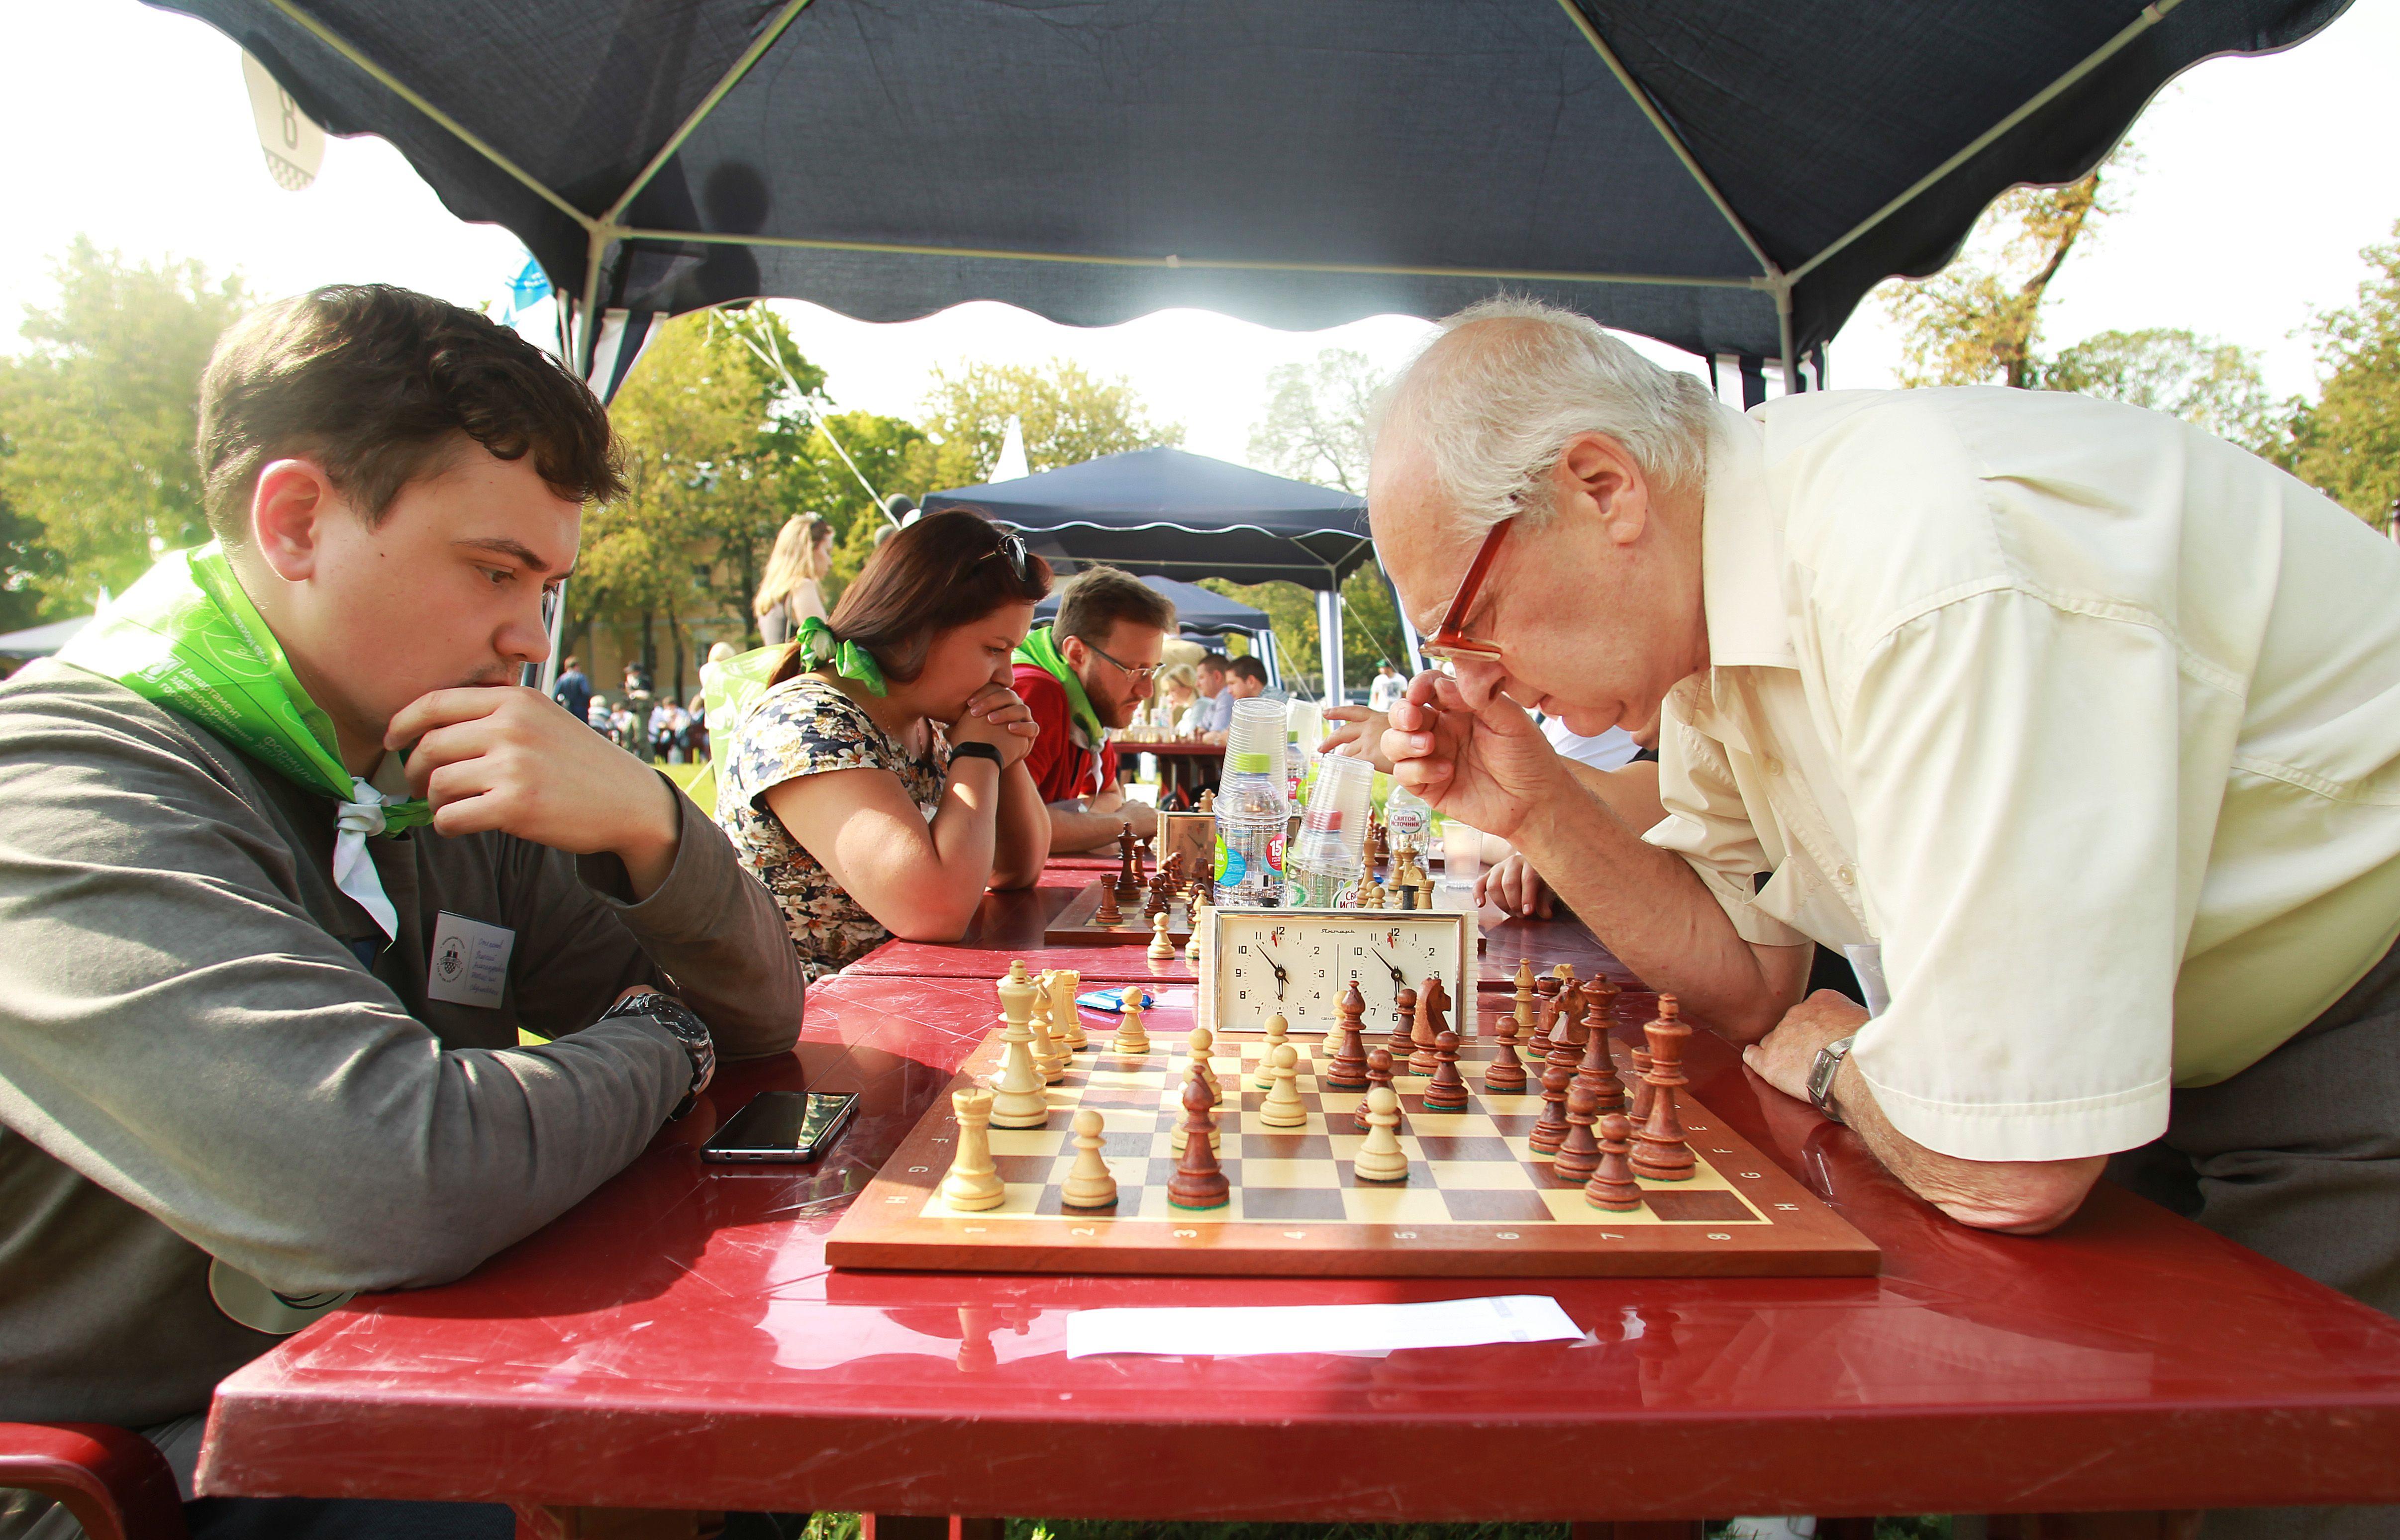 Международный день шахмат в Москве посетили 60 тыс человек.Фото: архив, «Вечерняя Москва»